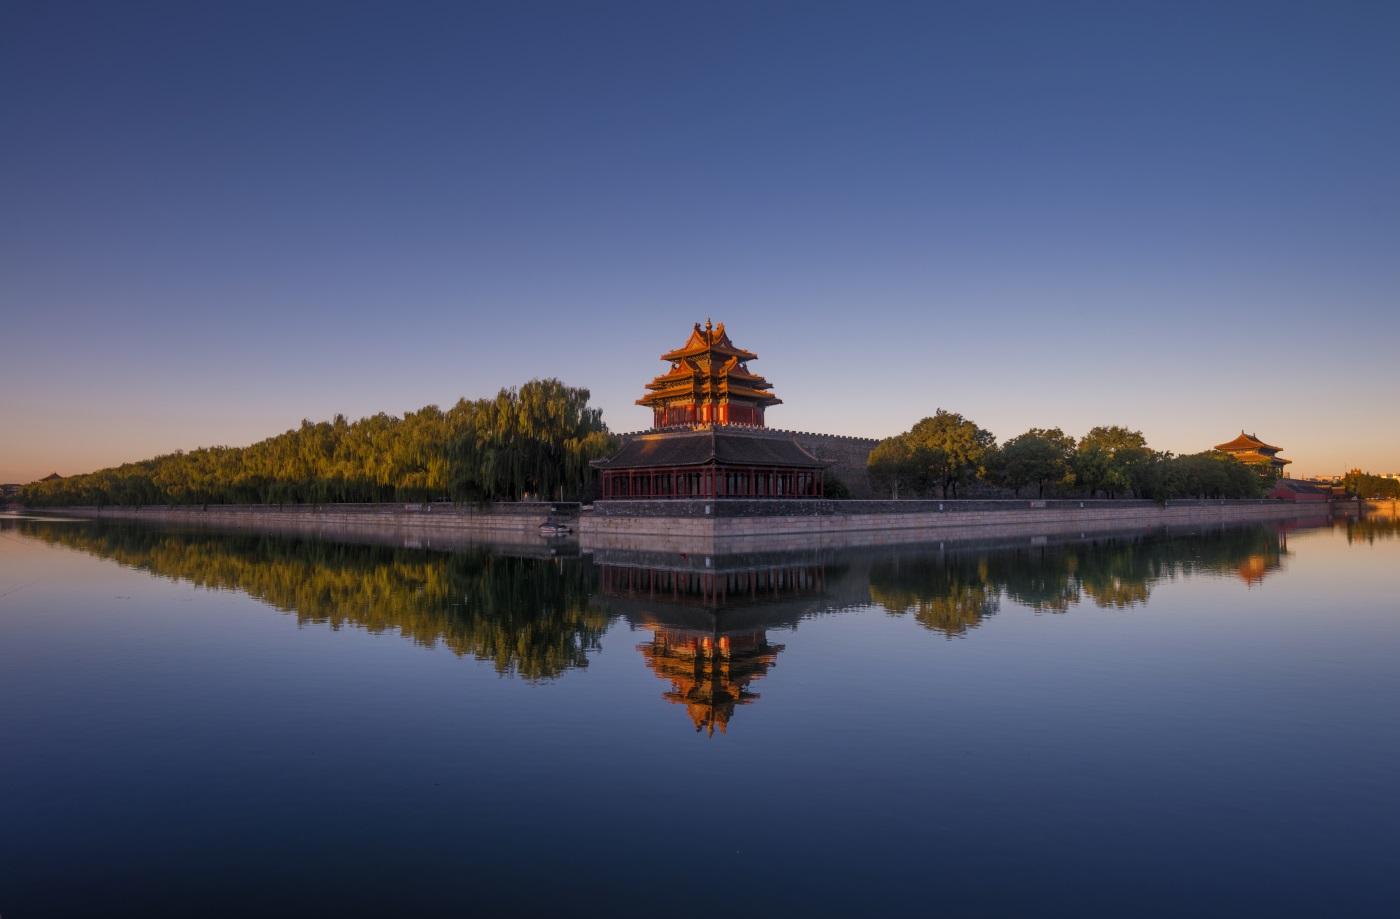 Императорските дворци на династиите Мин и Цин – разположен в централната част на Пекин, внушителният Забранен град бил китайският императорски дворец от векове, от династията Мин до края на династията Цин.